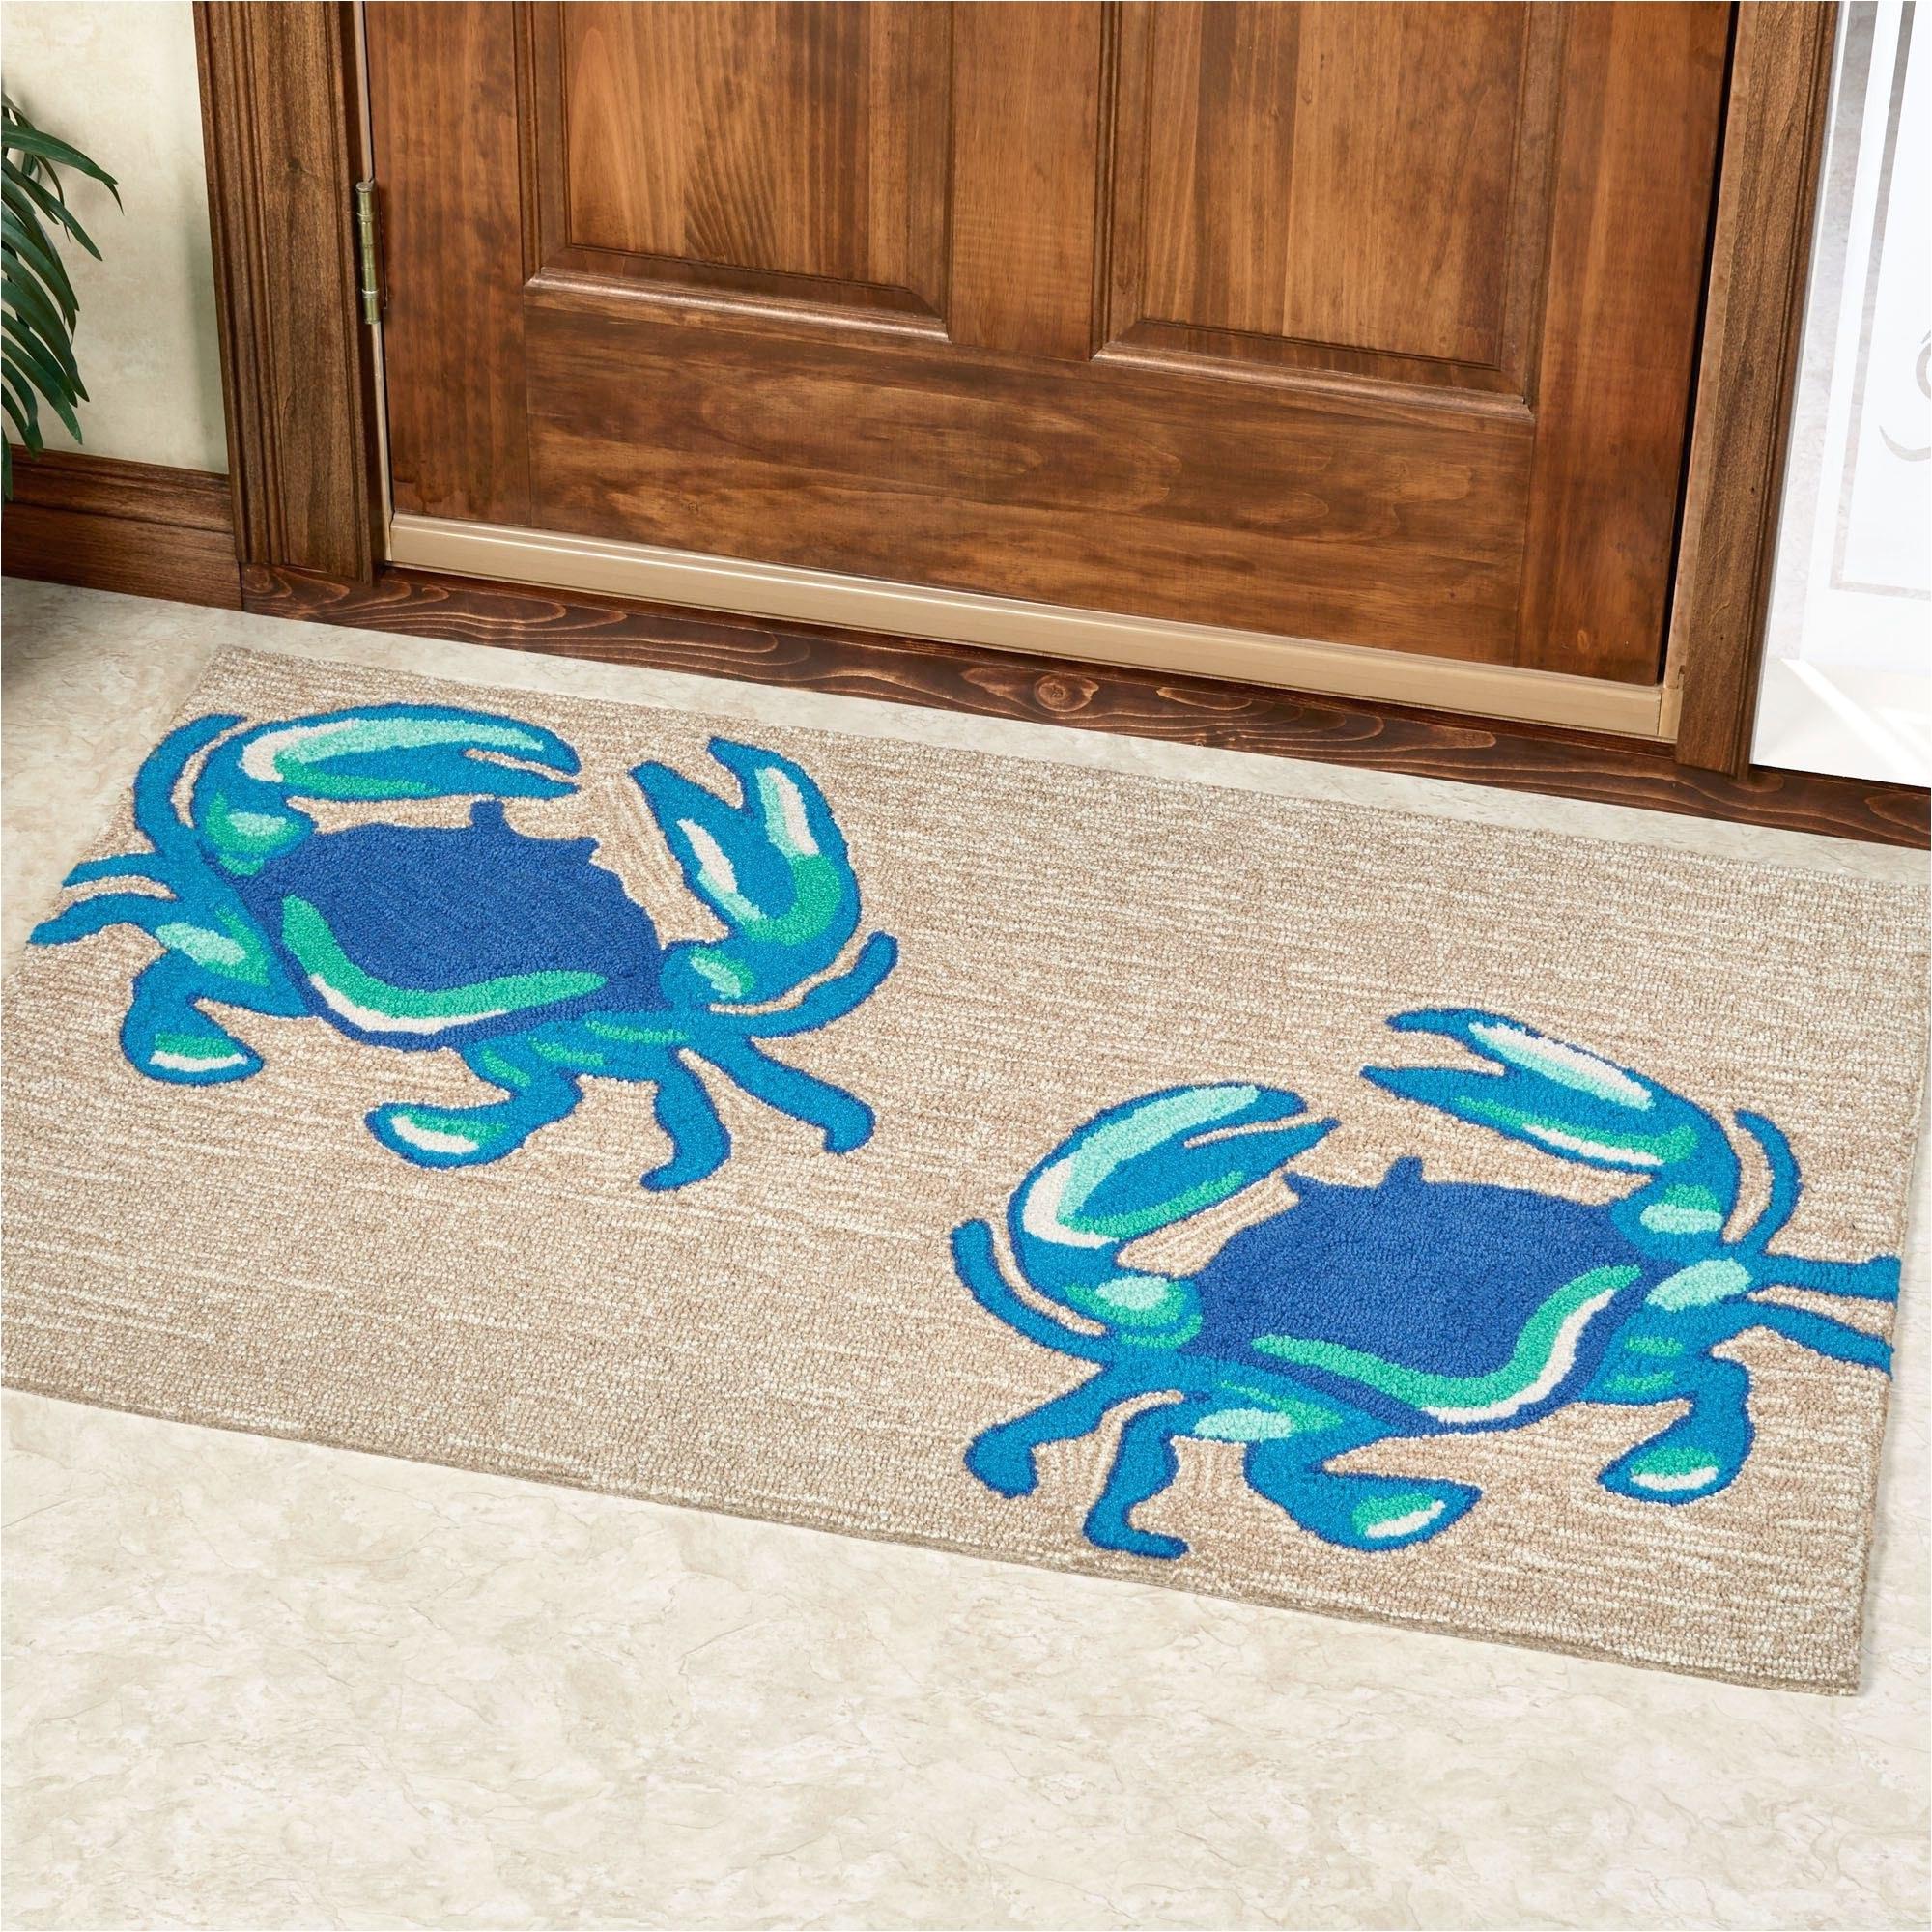 12a 12 outdoor rug unique new outdoor rug concrete patio outdoor